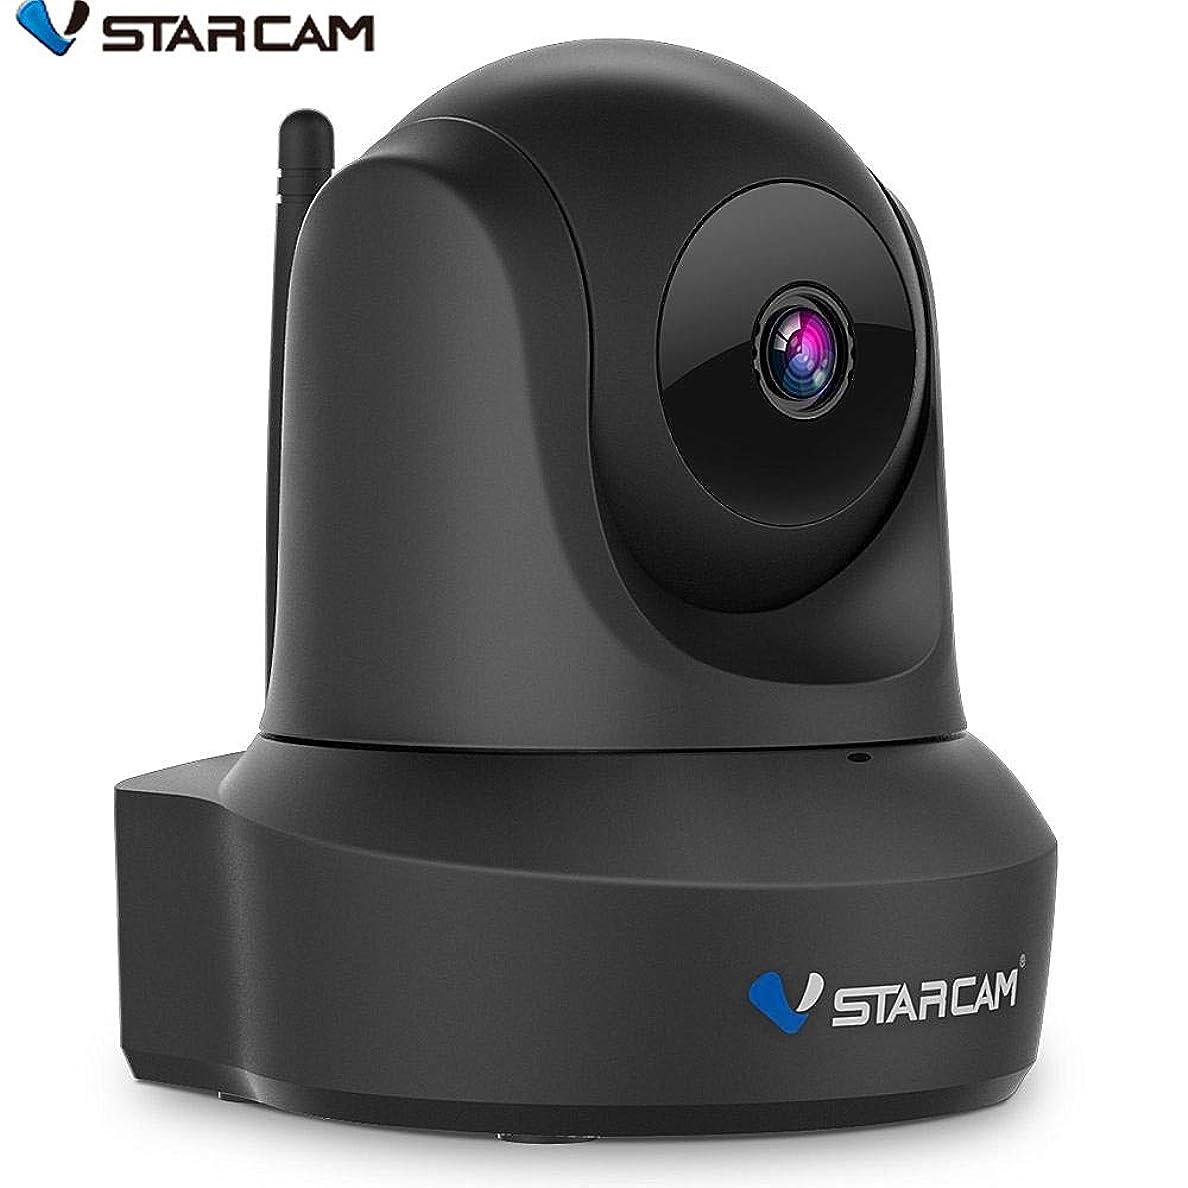 人里離れたプラススタイルVStarcam 防犯カメラ wifi 監視カメラ 高画質 200万画素 1080P フルHD WiFi 無線 ネットワークカメラ(IPカメラ)ベビーモニター ワイヤレス無線屋内カメラ 録画 ペット確認用 ベビー/老人介護用 高解像度 WIFI対応 遠隔操作 動体検知 警報通知 双方向音声 暗視機能 録画可能 日本語APP 日本語説明書 技適認証済み Vstarcam C29S ブラック